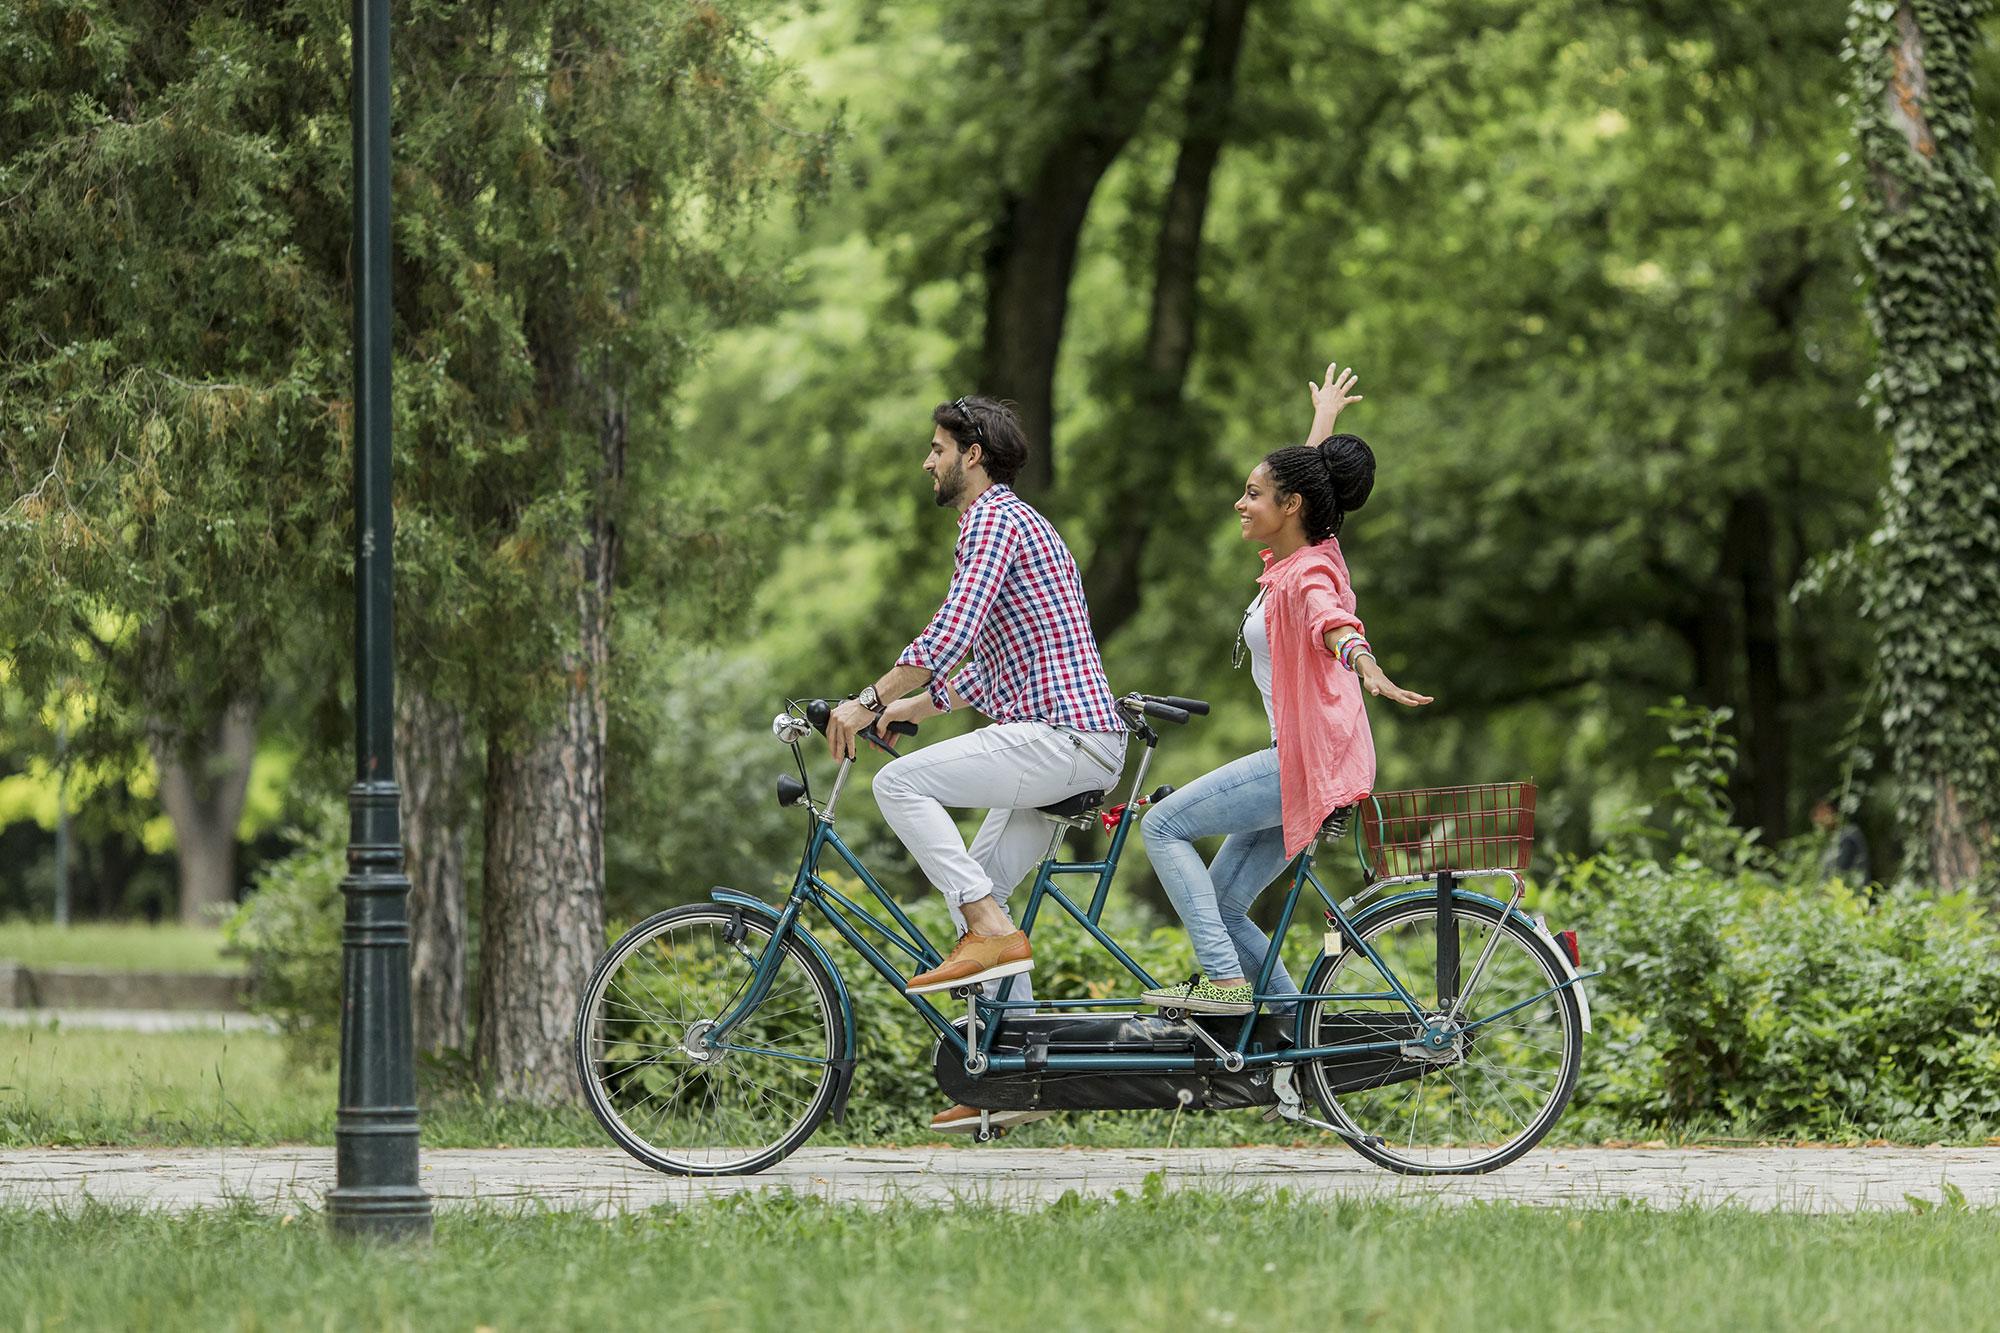 Coger la bicicleta en San Valentín puede ser un plan de lo más divertido para hacer en pareja. Foto: Shutterstock.